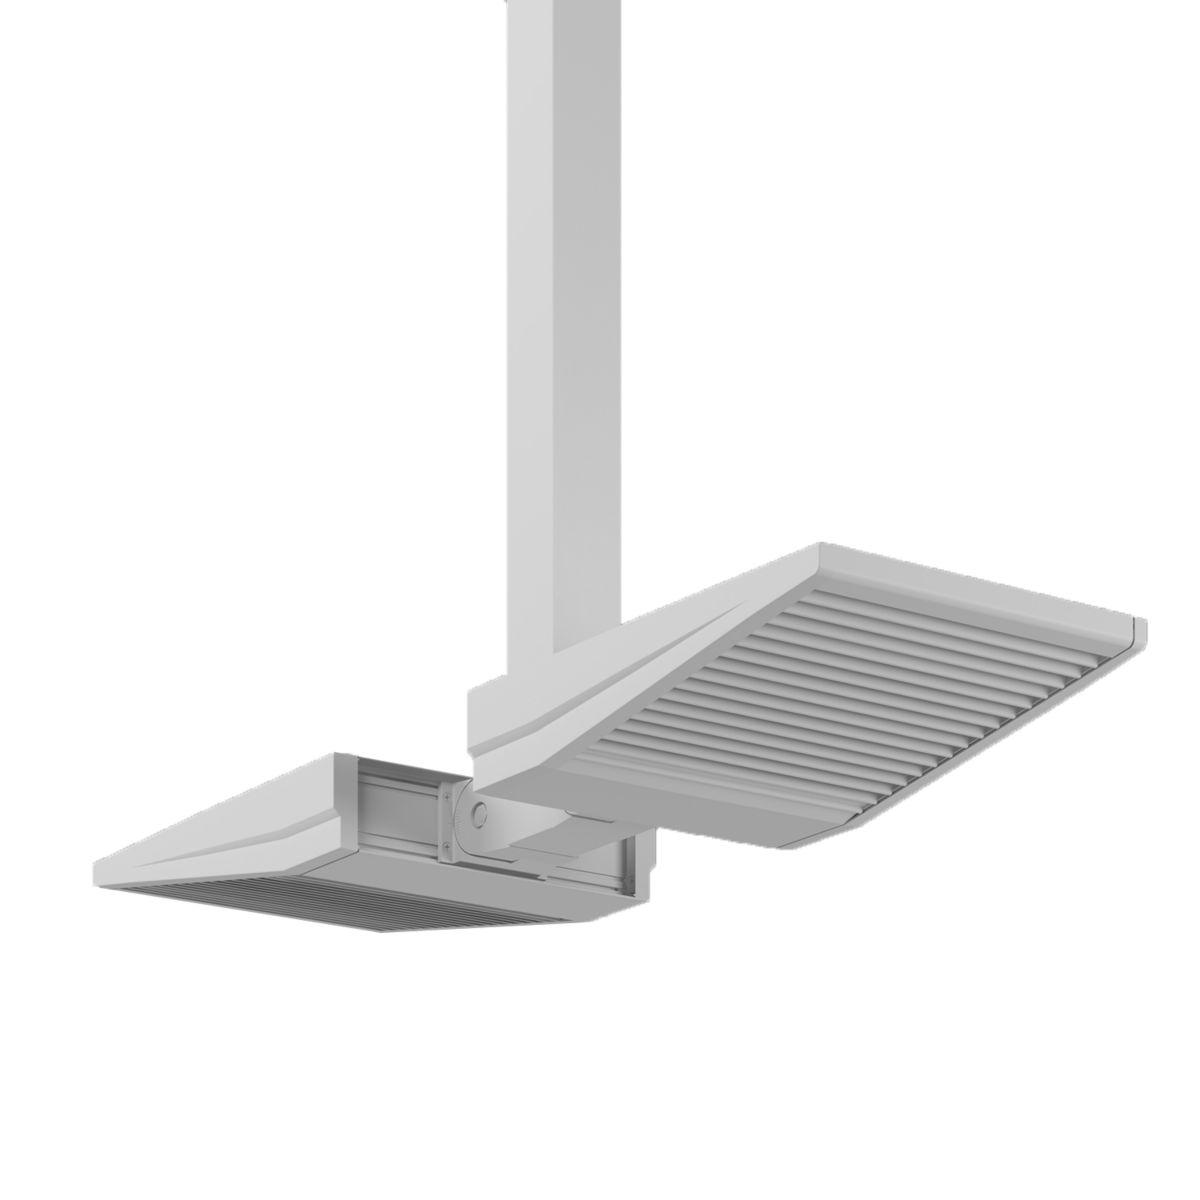 ASYX 2 LED Asymmetric Floodlight - Dual Pendant